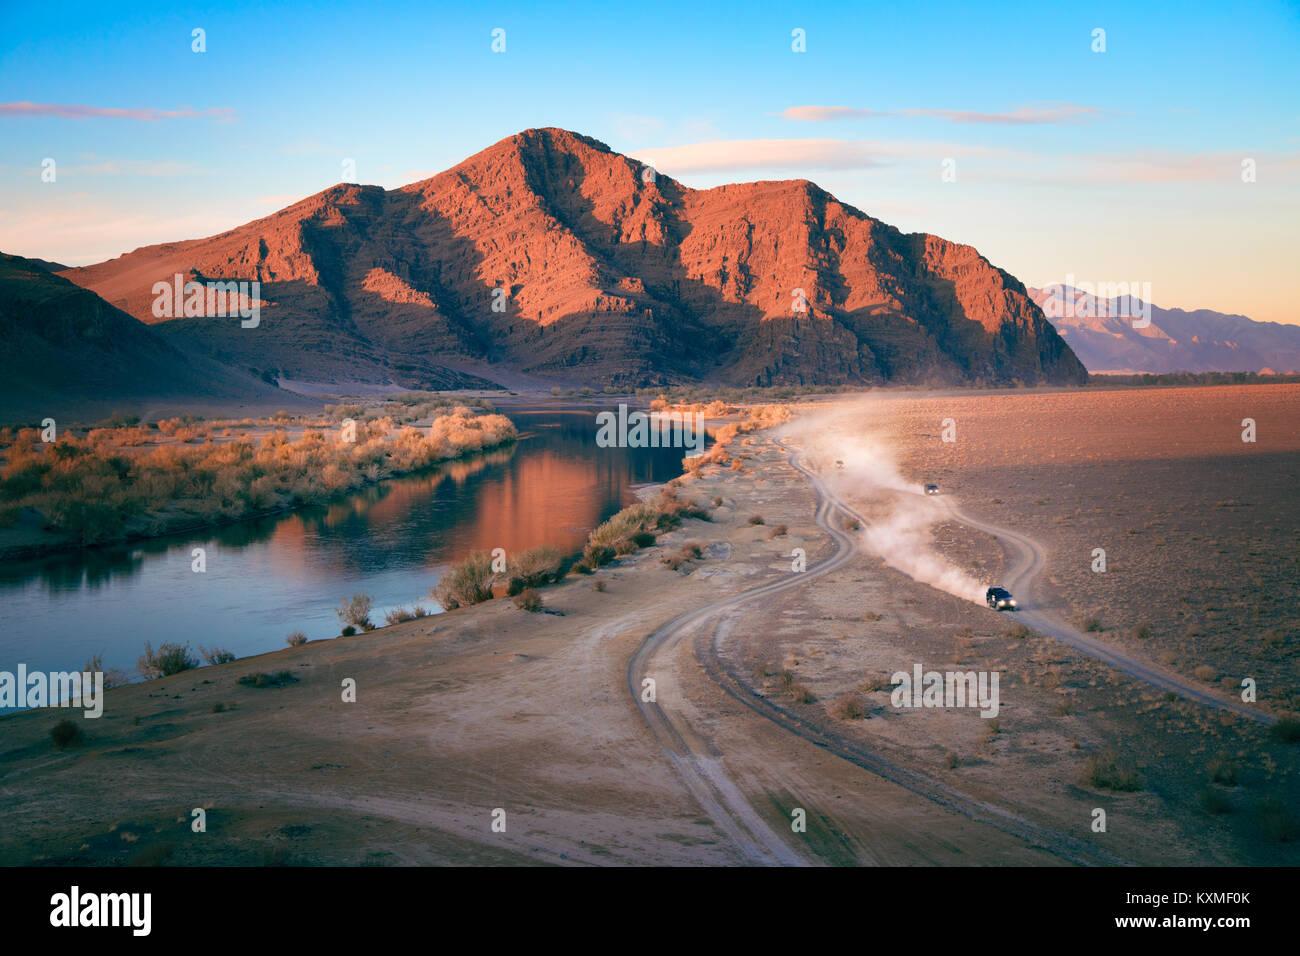 Strada sterrata cars racing nube di polvere tramonto paesaggio Mongolia rosso fiume di montagna la riflessione Foto Stock